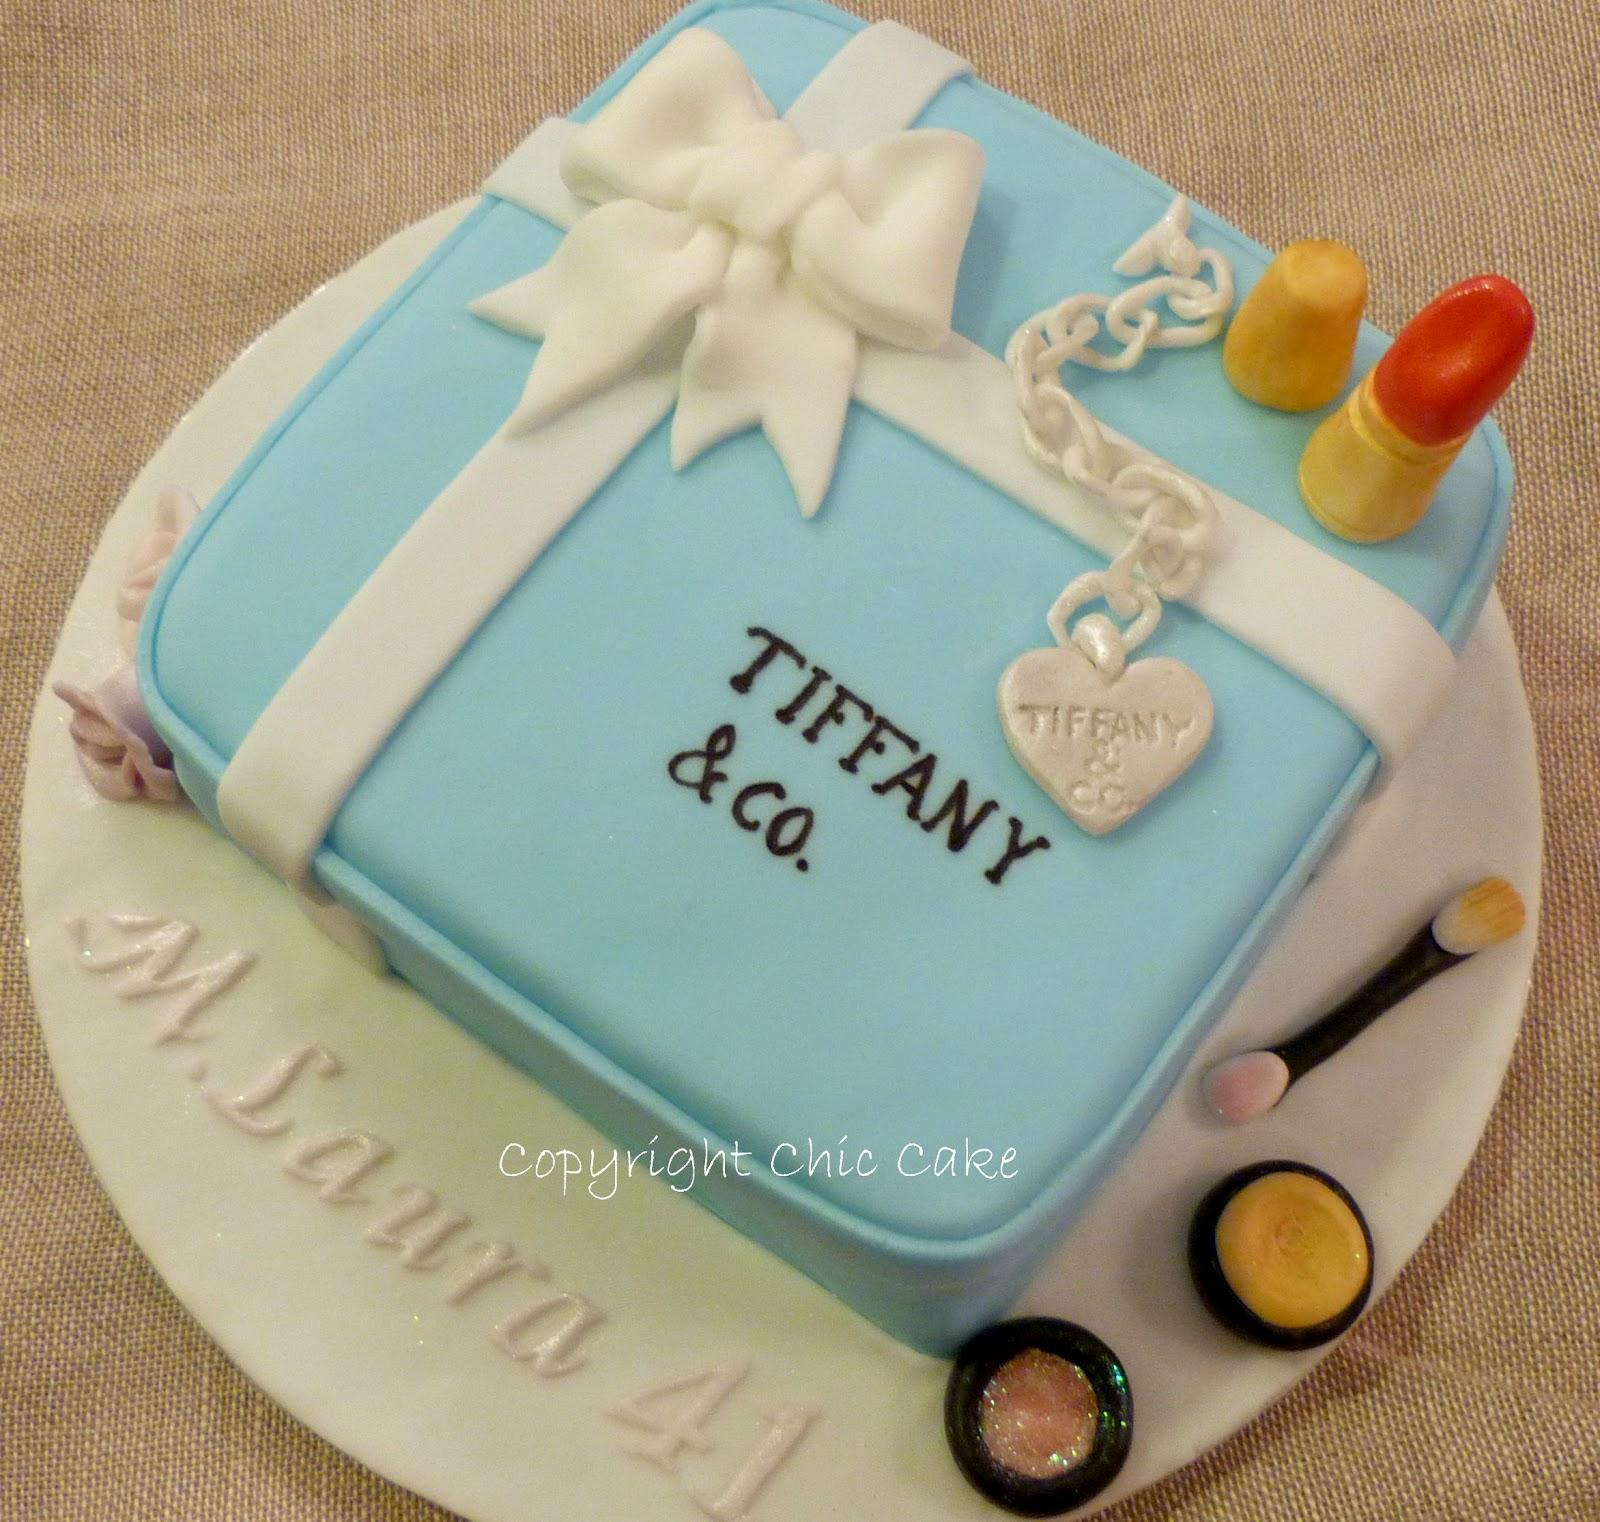 Corso Di Cake Design Roma Groupon : Corso cake design -modulo base- scatola Tiffany da Chic ...